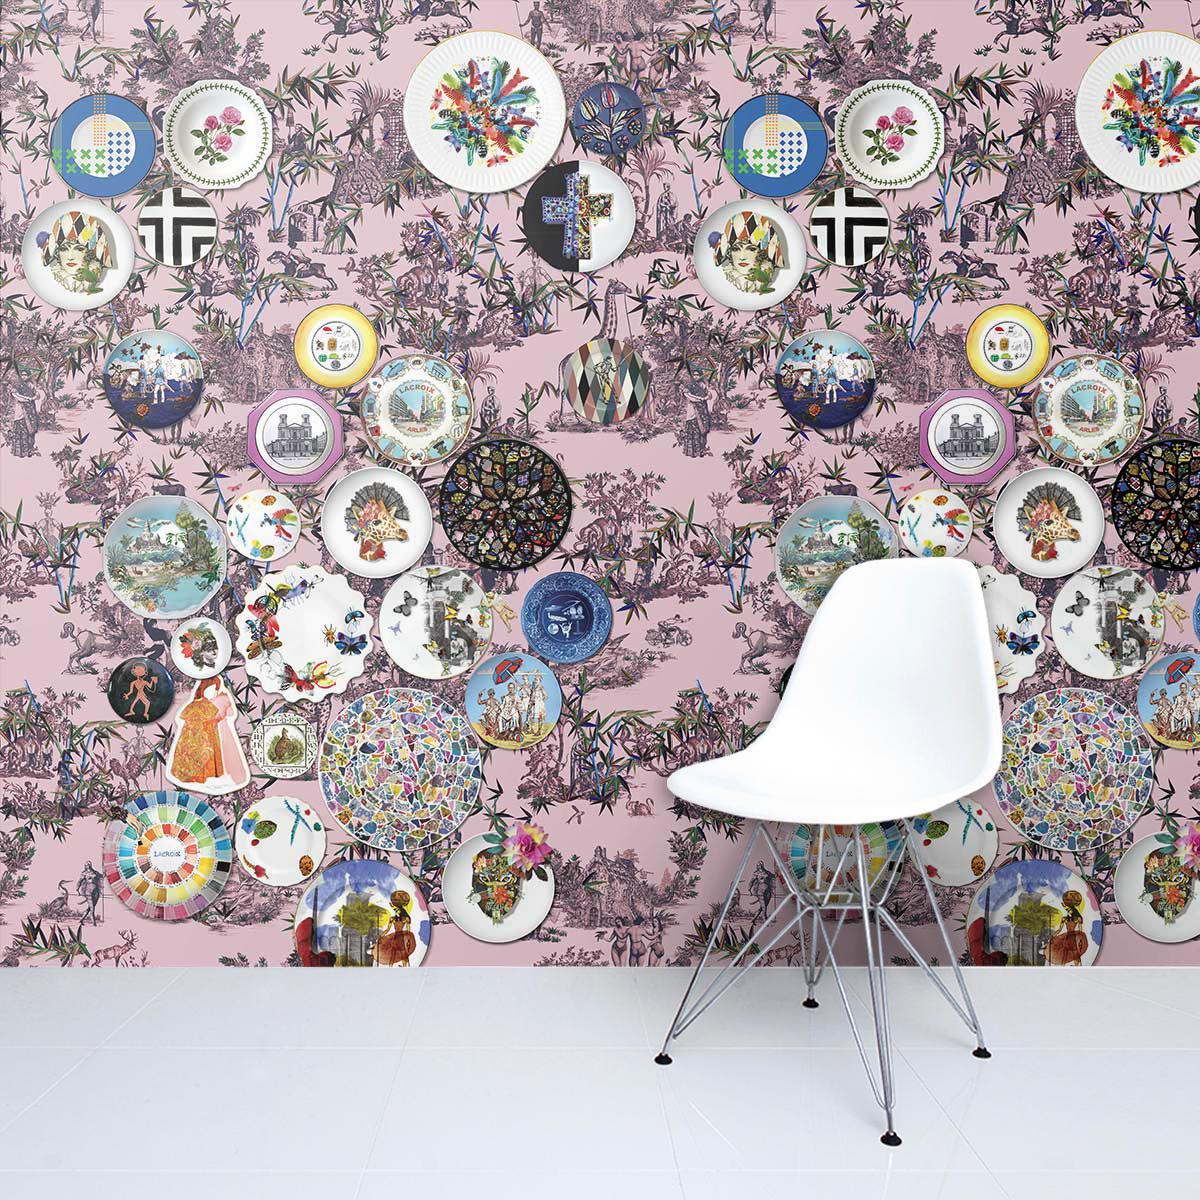 Lacroix Folie Myrtille wallpaper